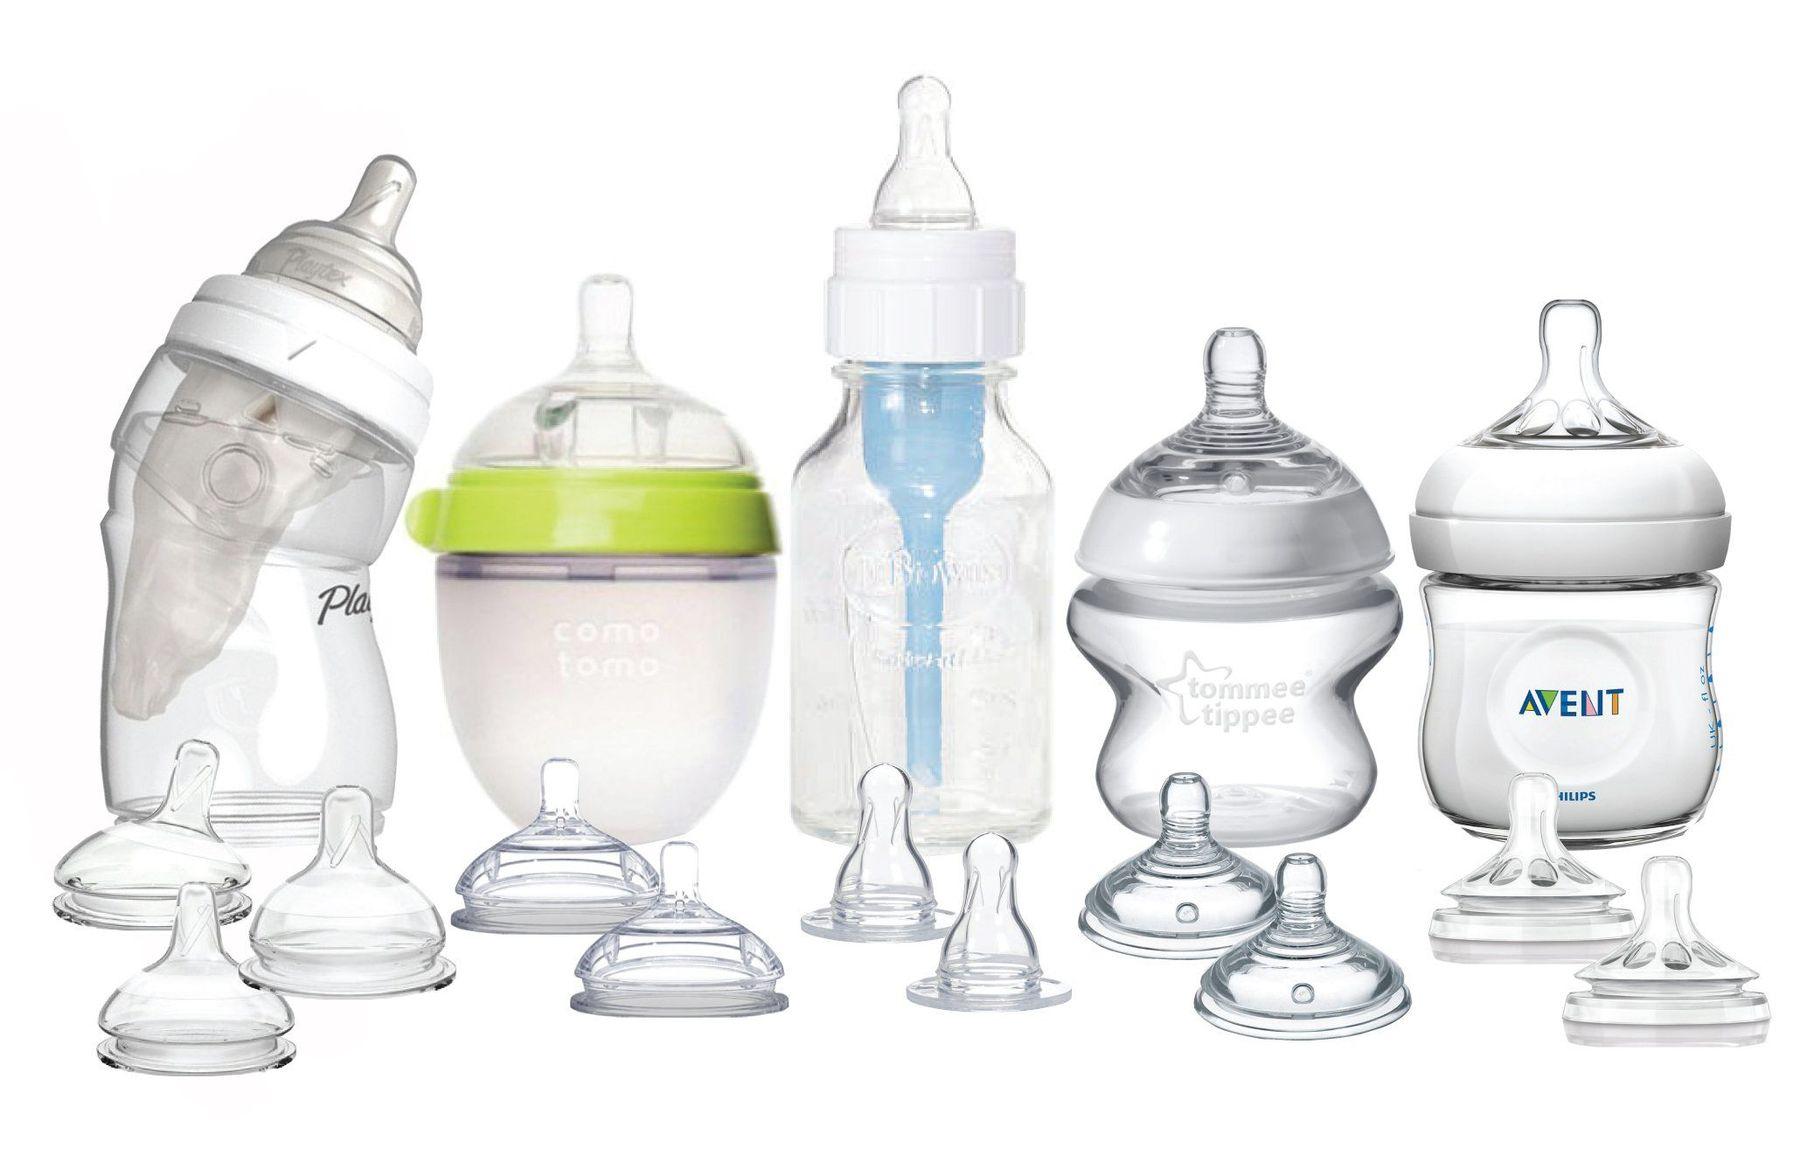 Các loại hình dáng bình sữa cho trẻ sơ sinh